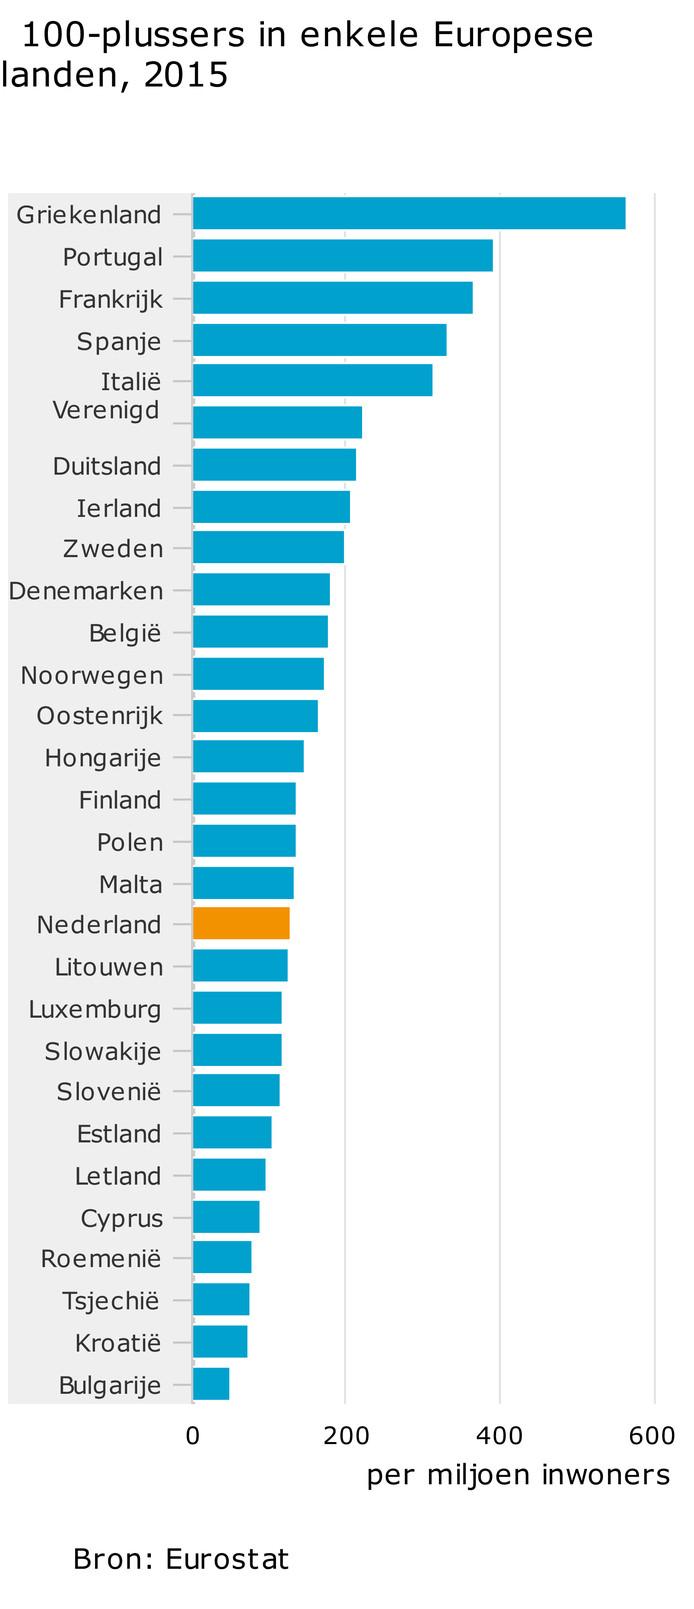 Nederland was in 2015 middenmoot als het gaat om het aantal honderdplussers per één miljoen inwoners in Europa.